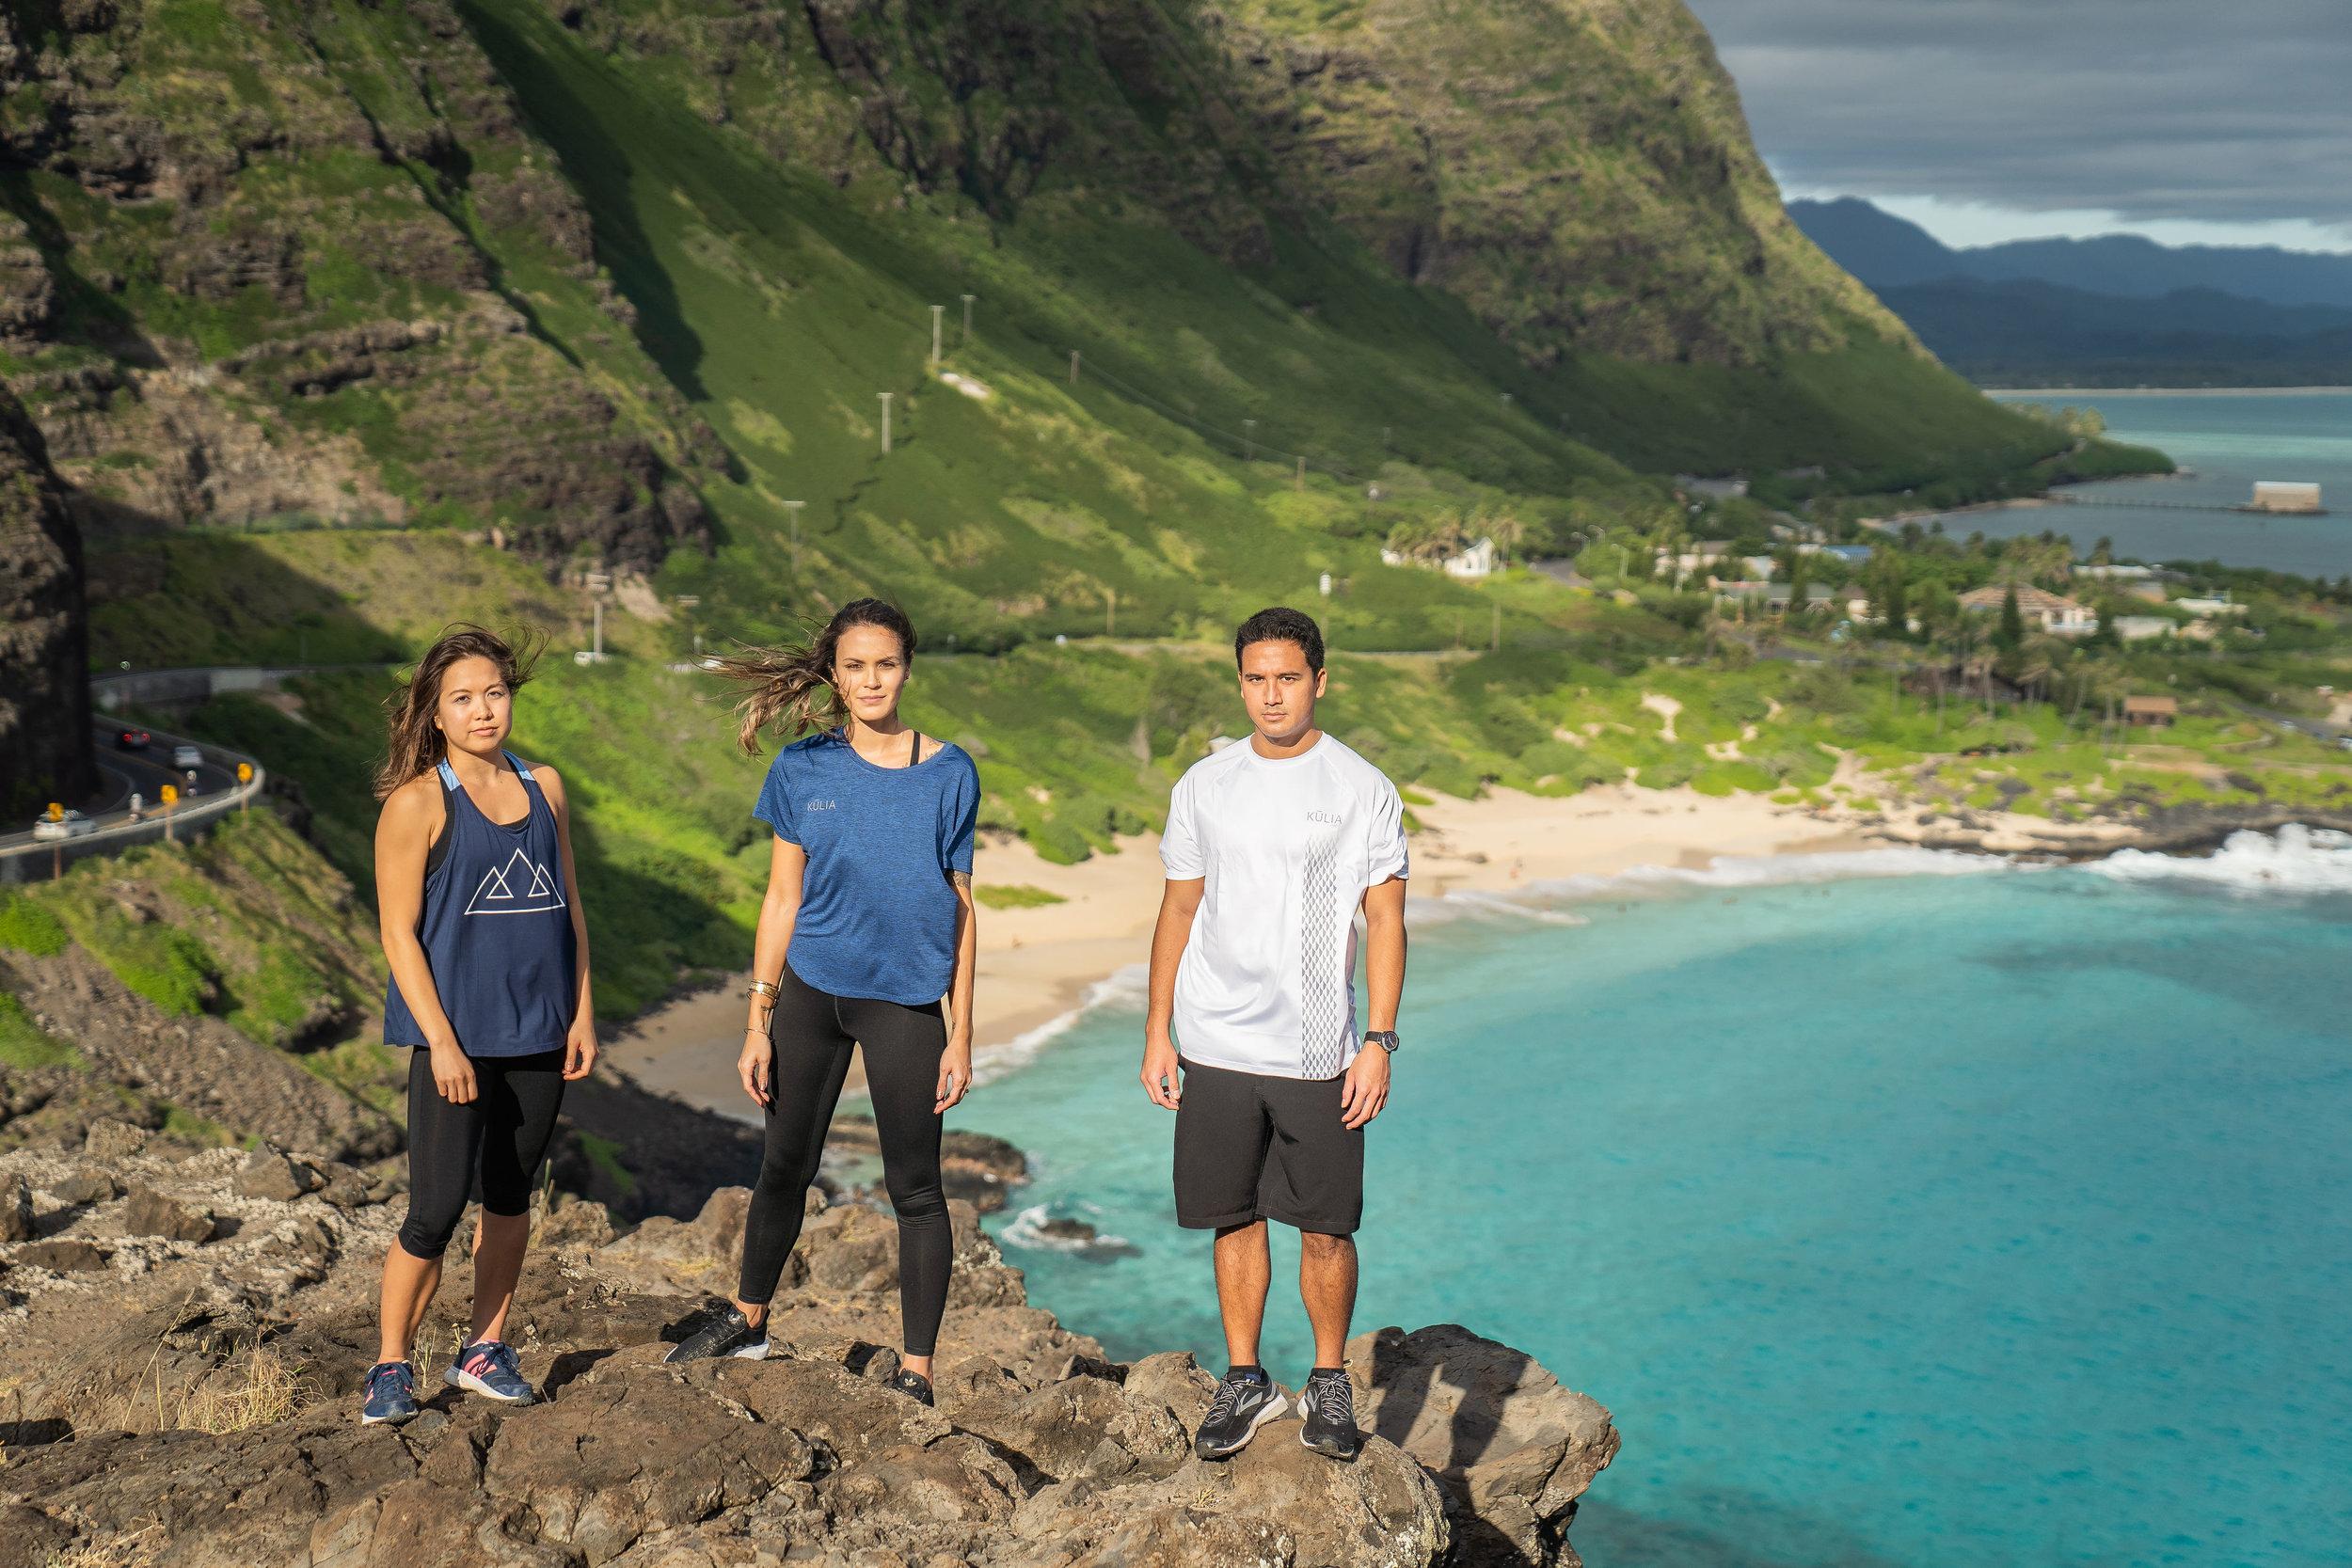 Hawai'i activewear